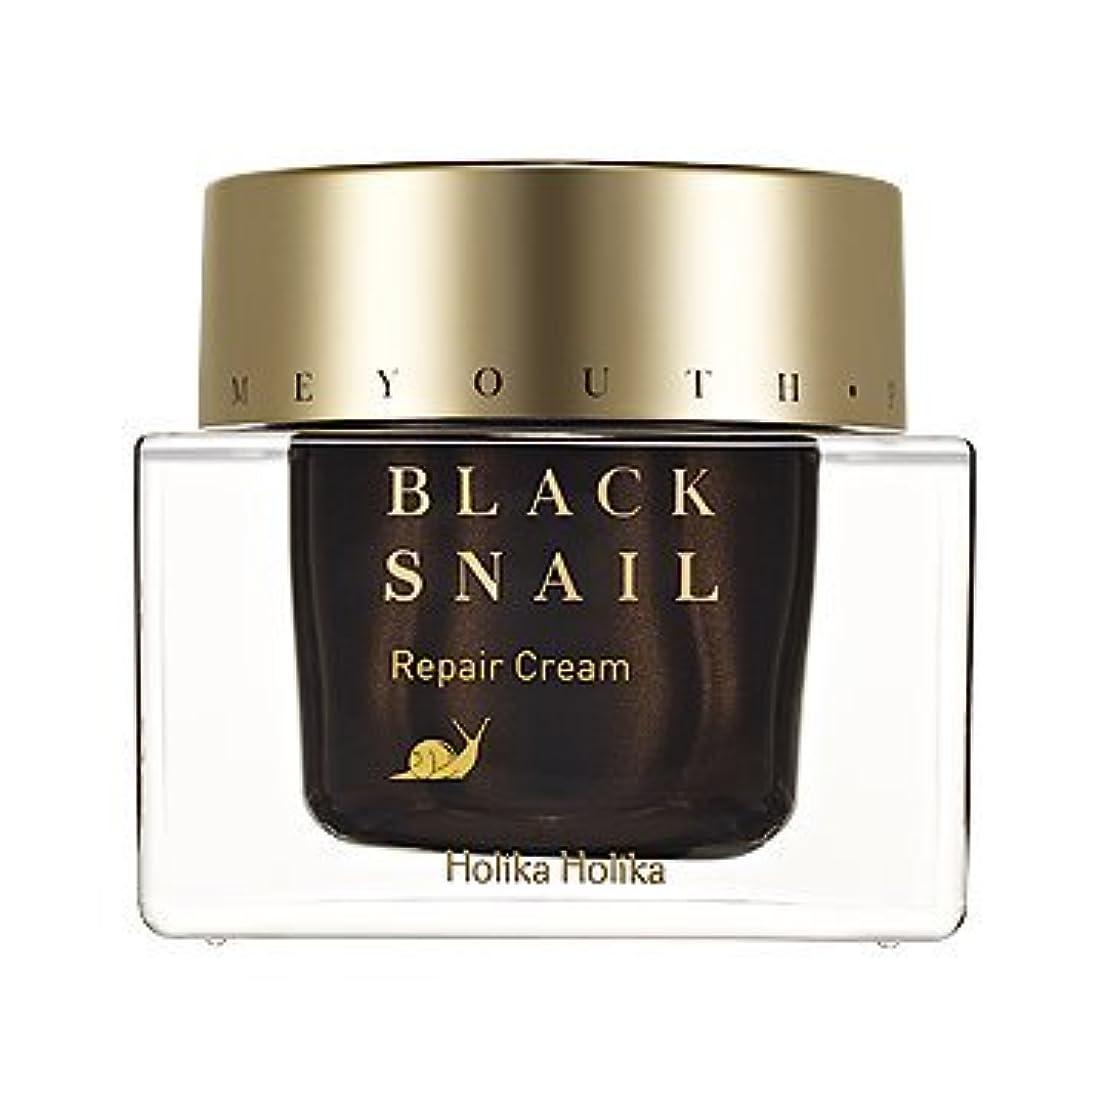 用量カメラ遮るHolikaHolika(ホリカホリカ) Prime Youth Black Snail Repair Cream プライムユースブラックスネイルクリーム カタツムリ エスカルゴ [並行輸入品]